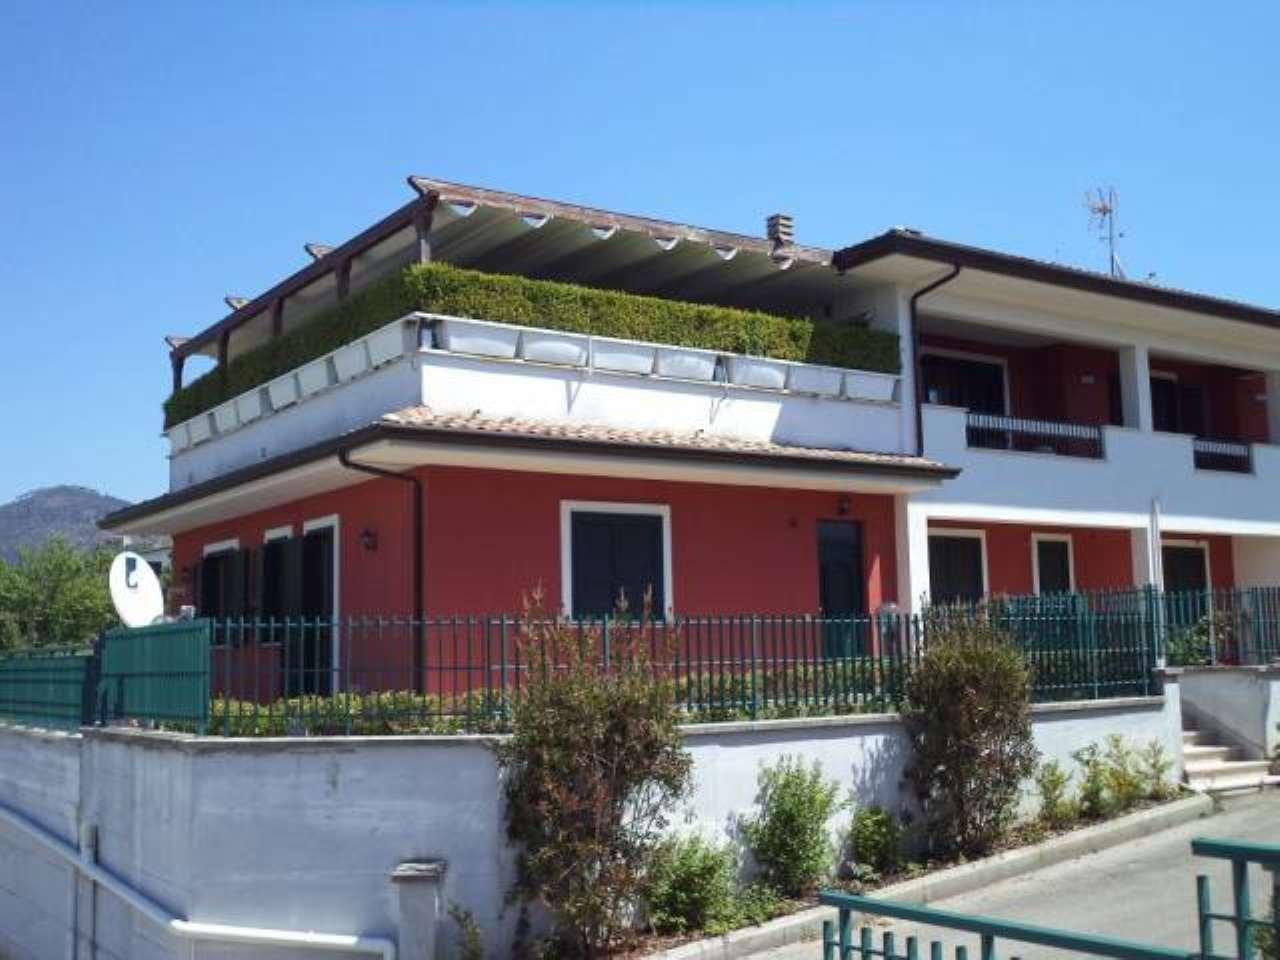 Appartamento in vendita a Arce, 2 locali, prezzo € 109.000 | CambioCasa.it